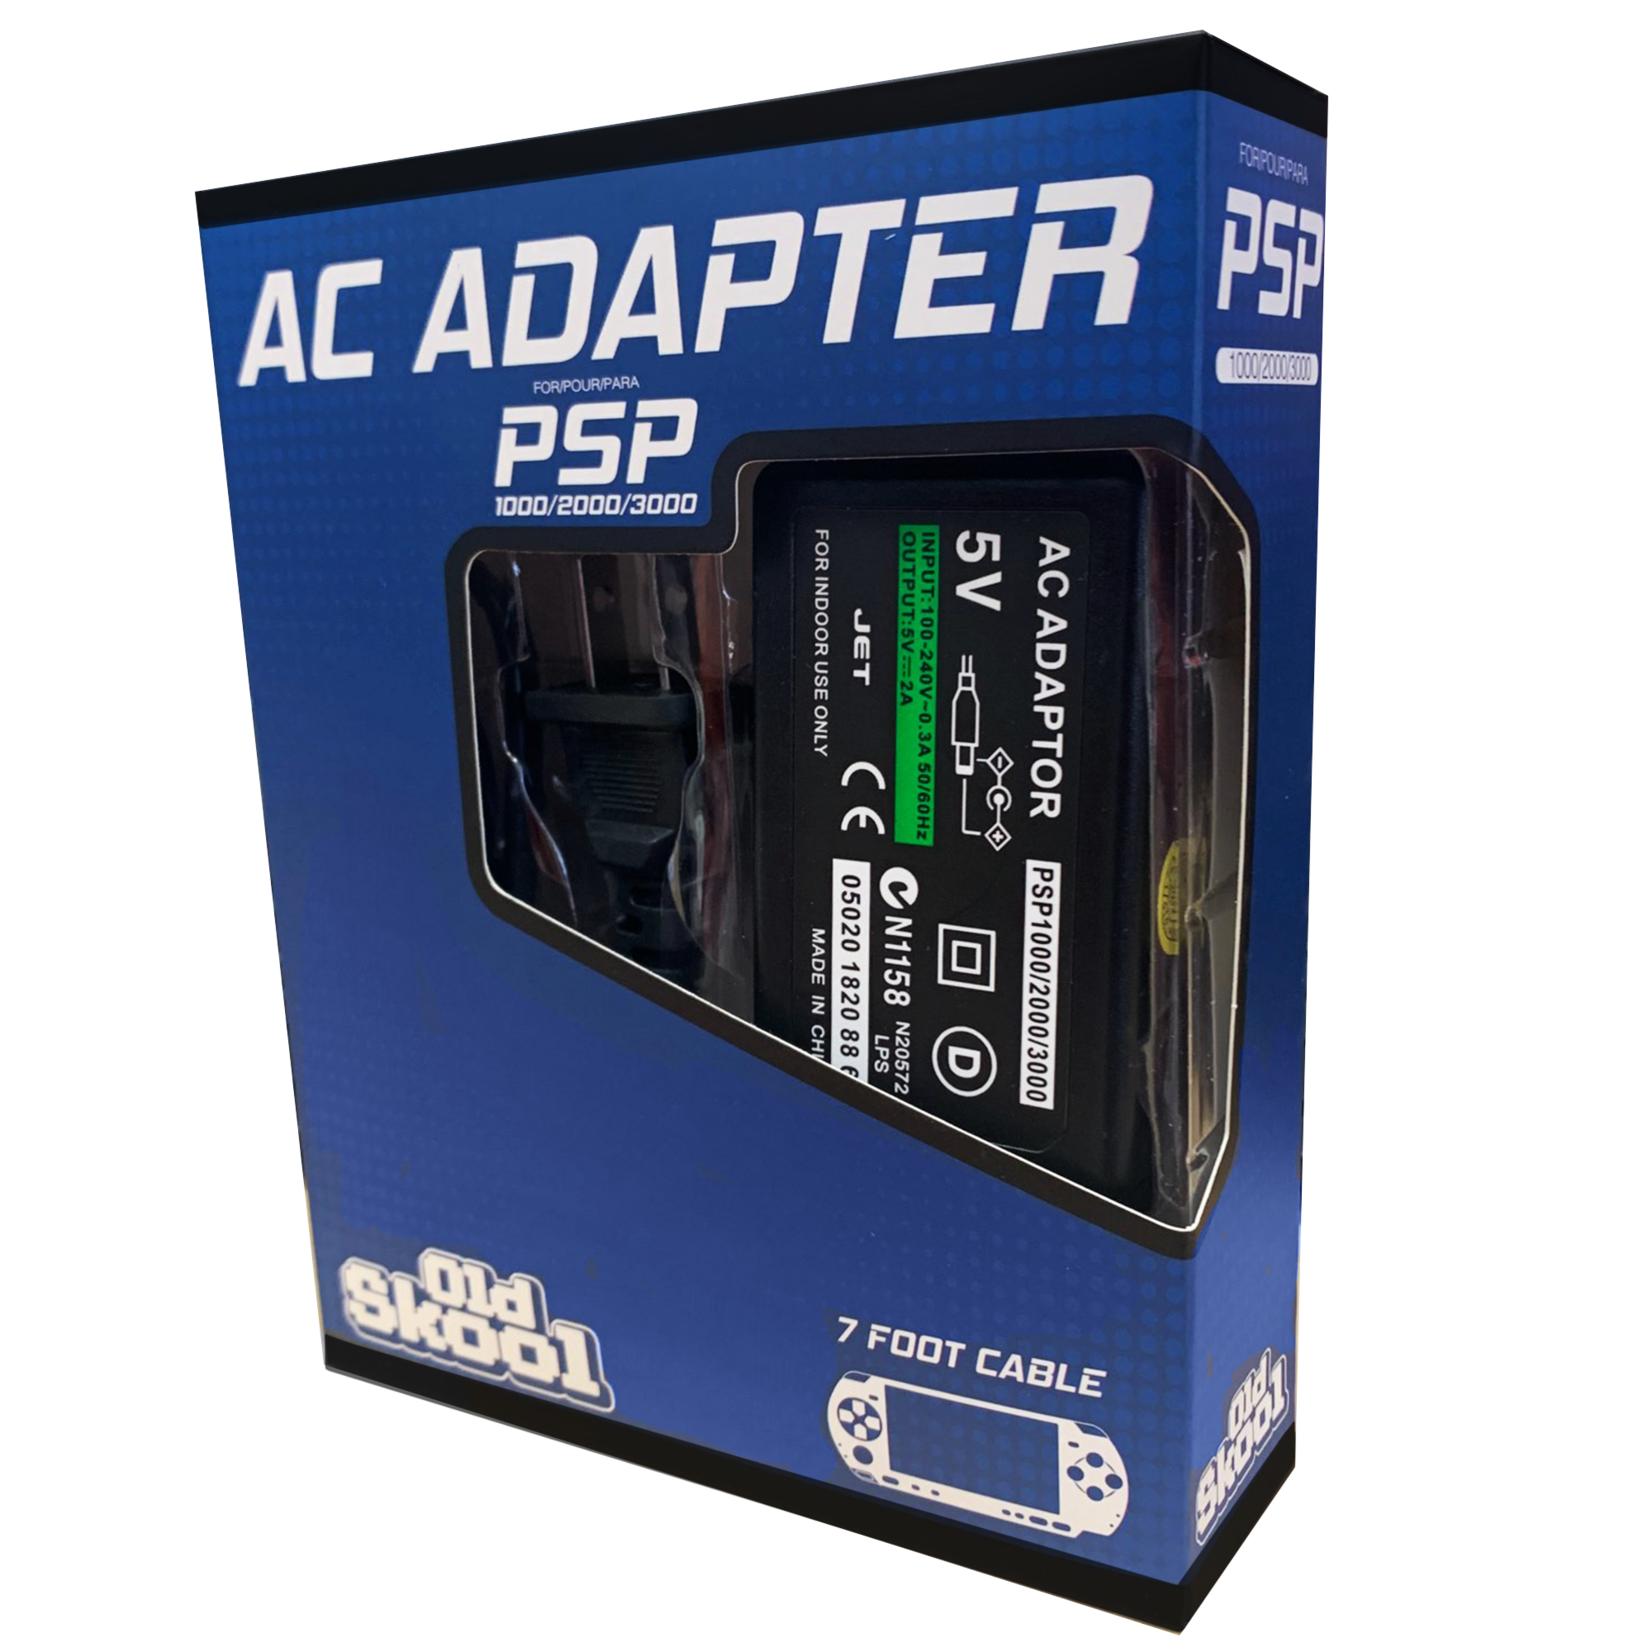 PSP Ac Adapter- Old Skool